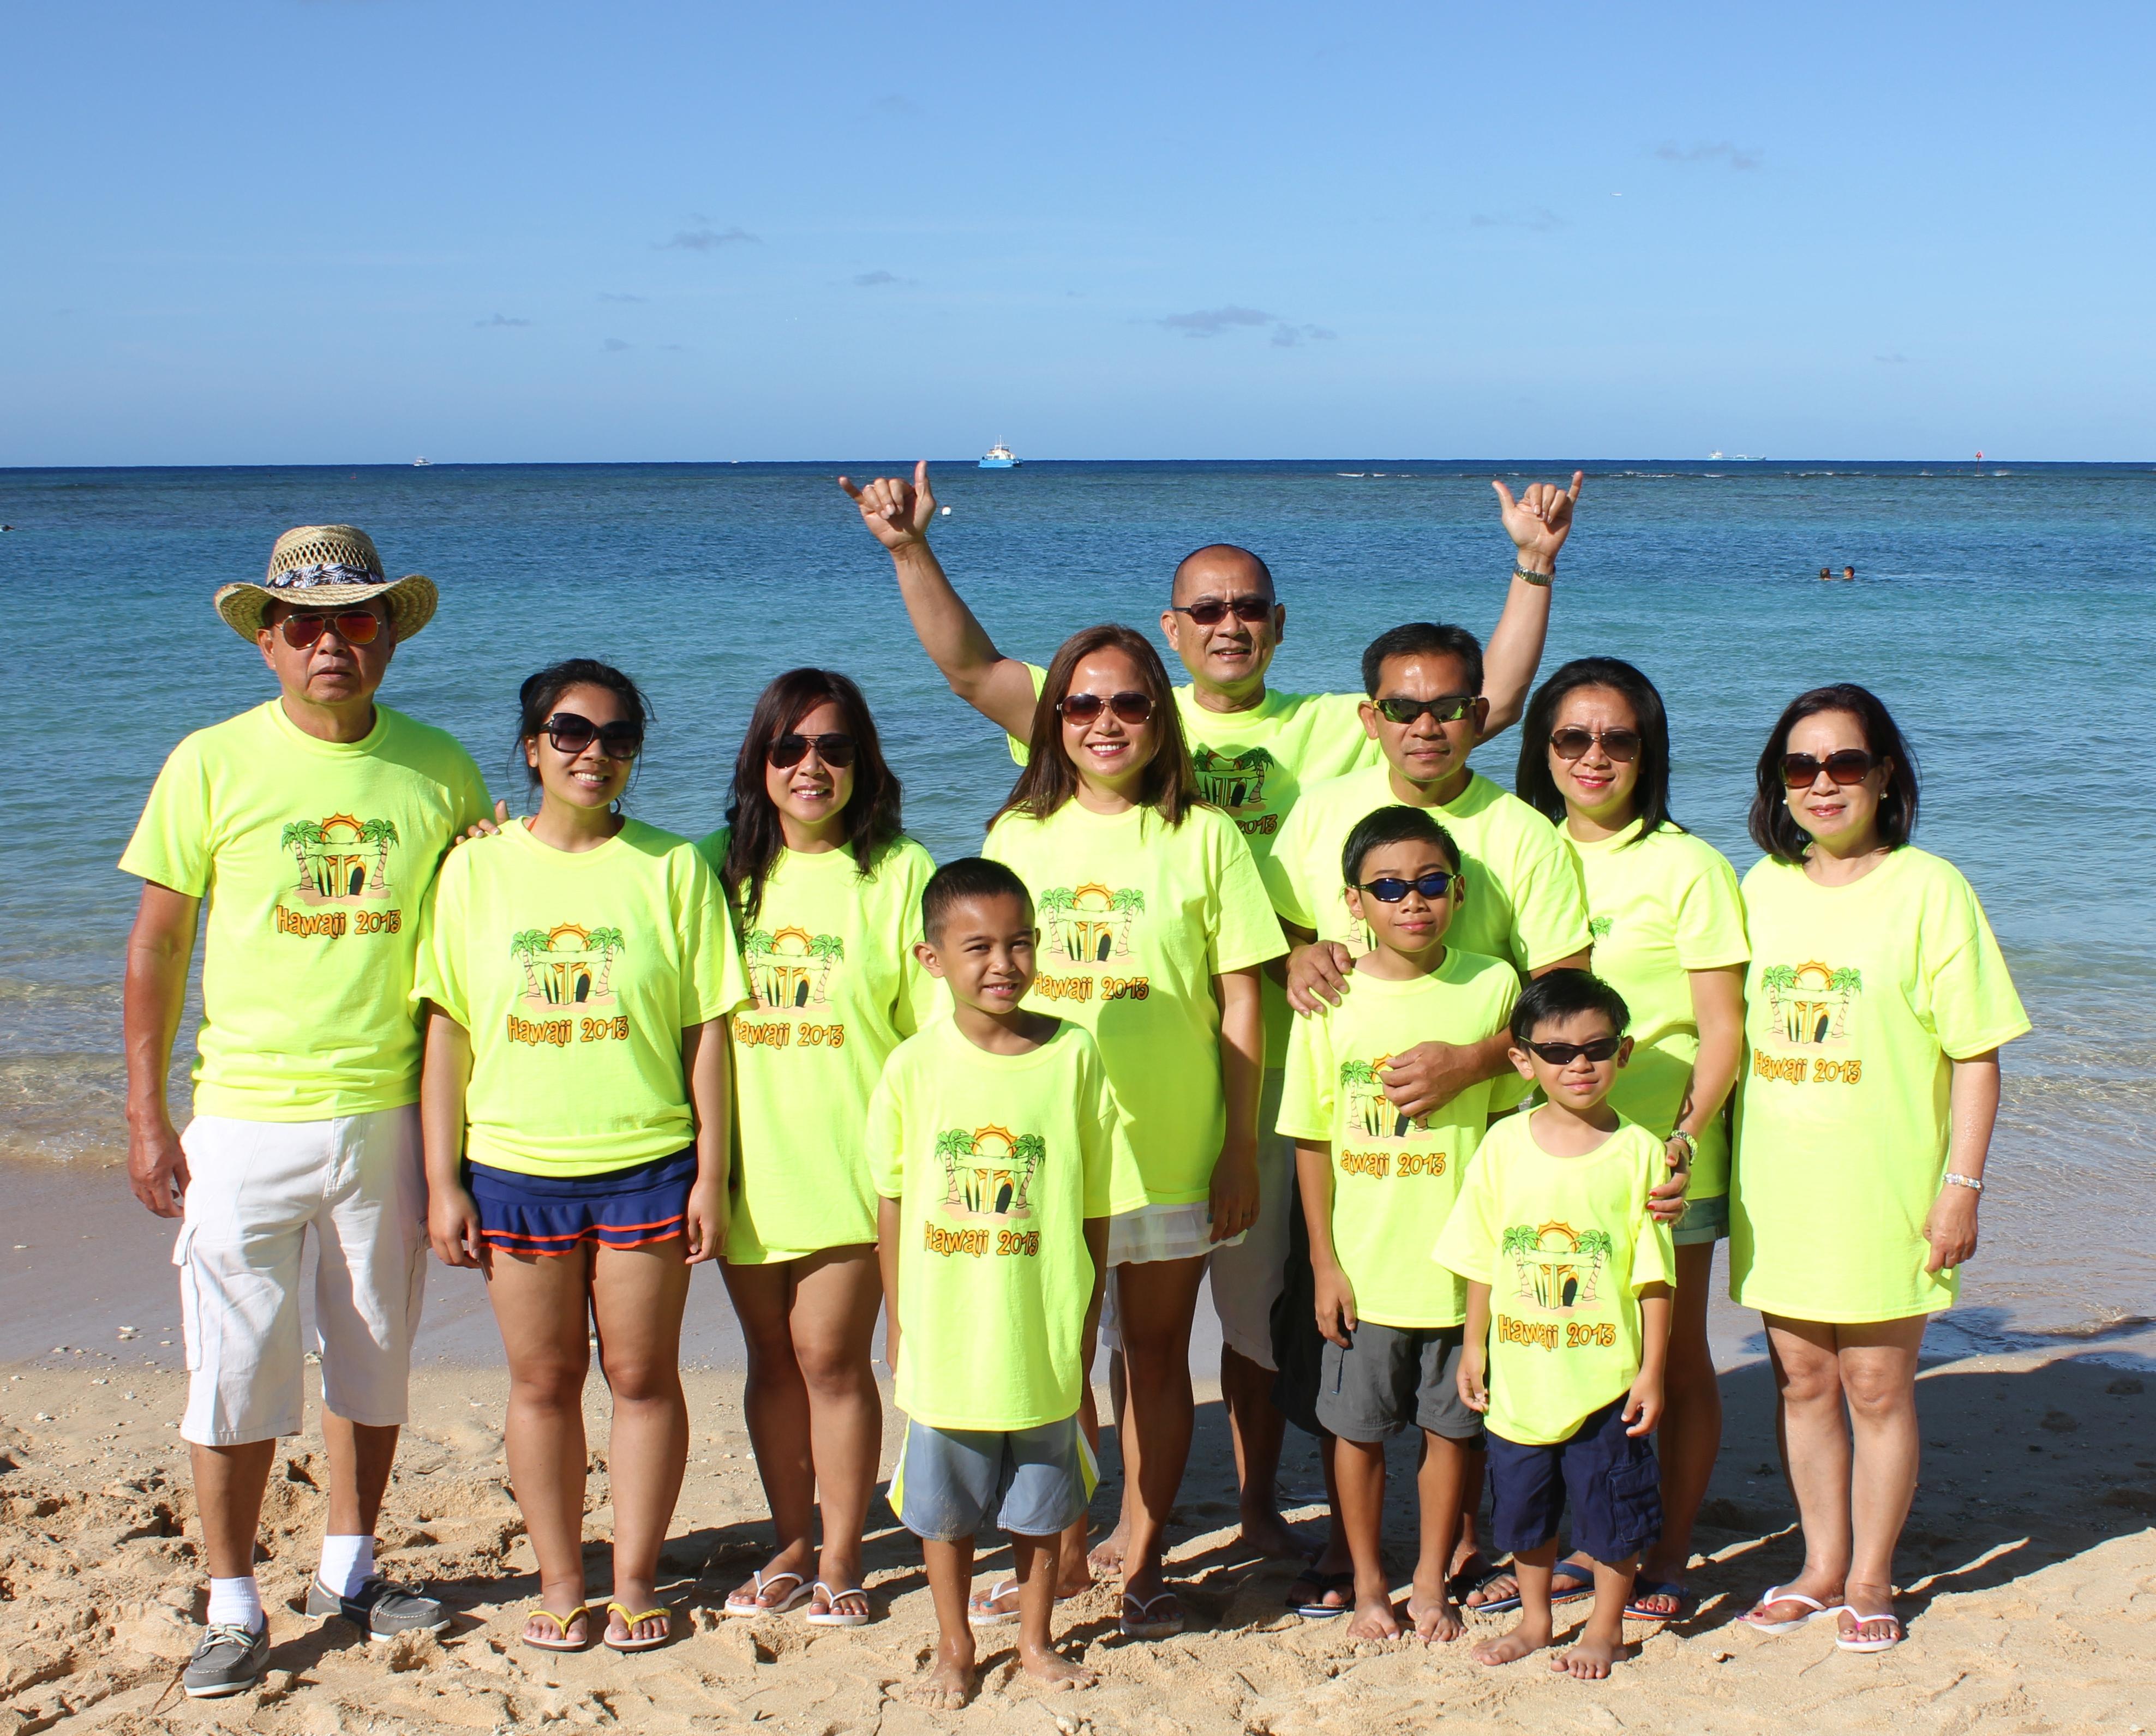 T shirt design hawaii - Hawaii 2013 T Shirt Photo